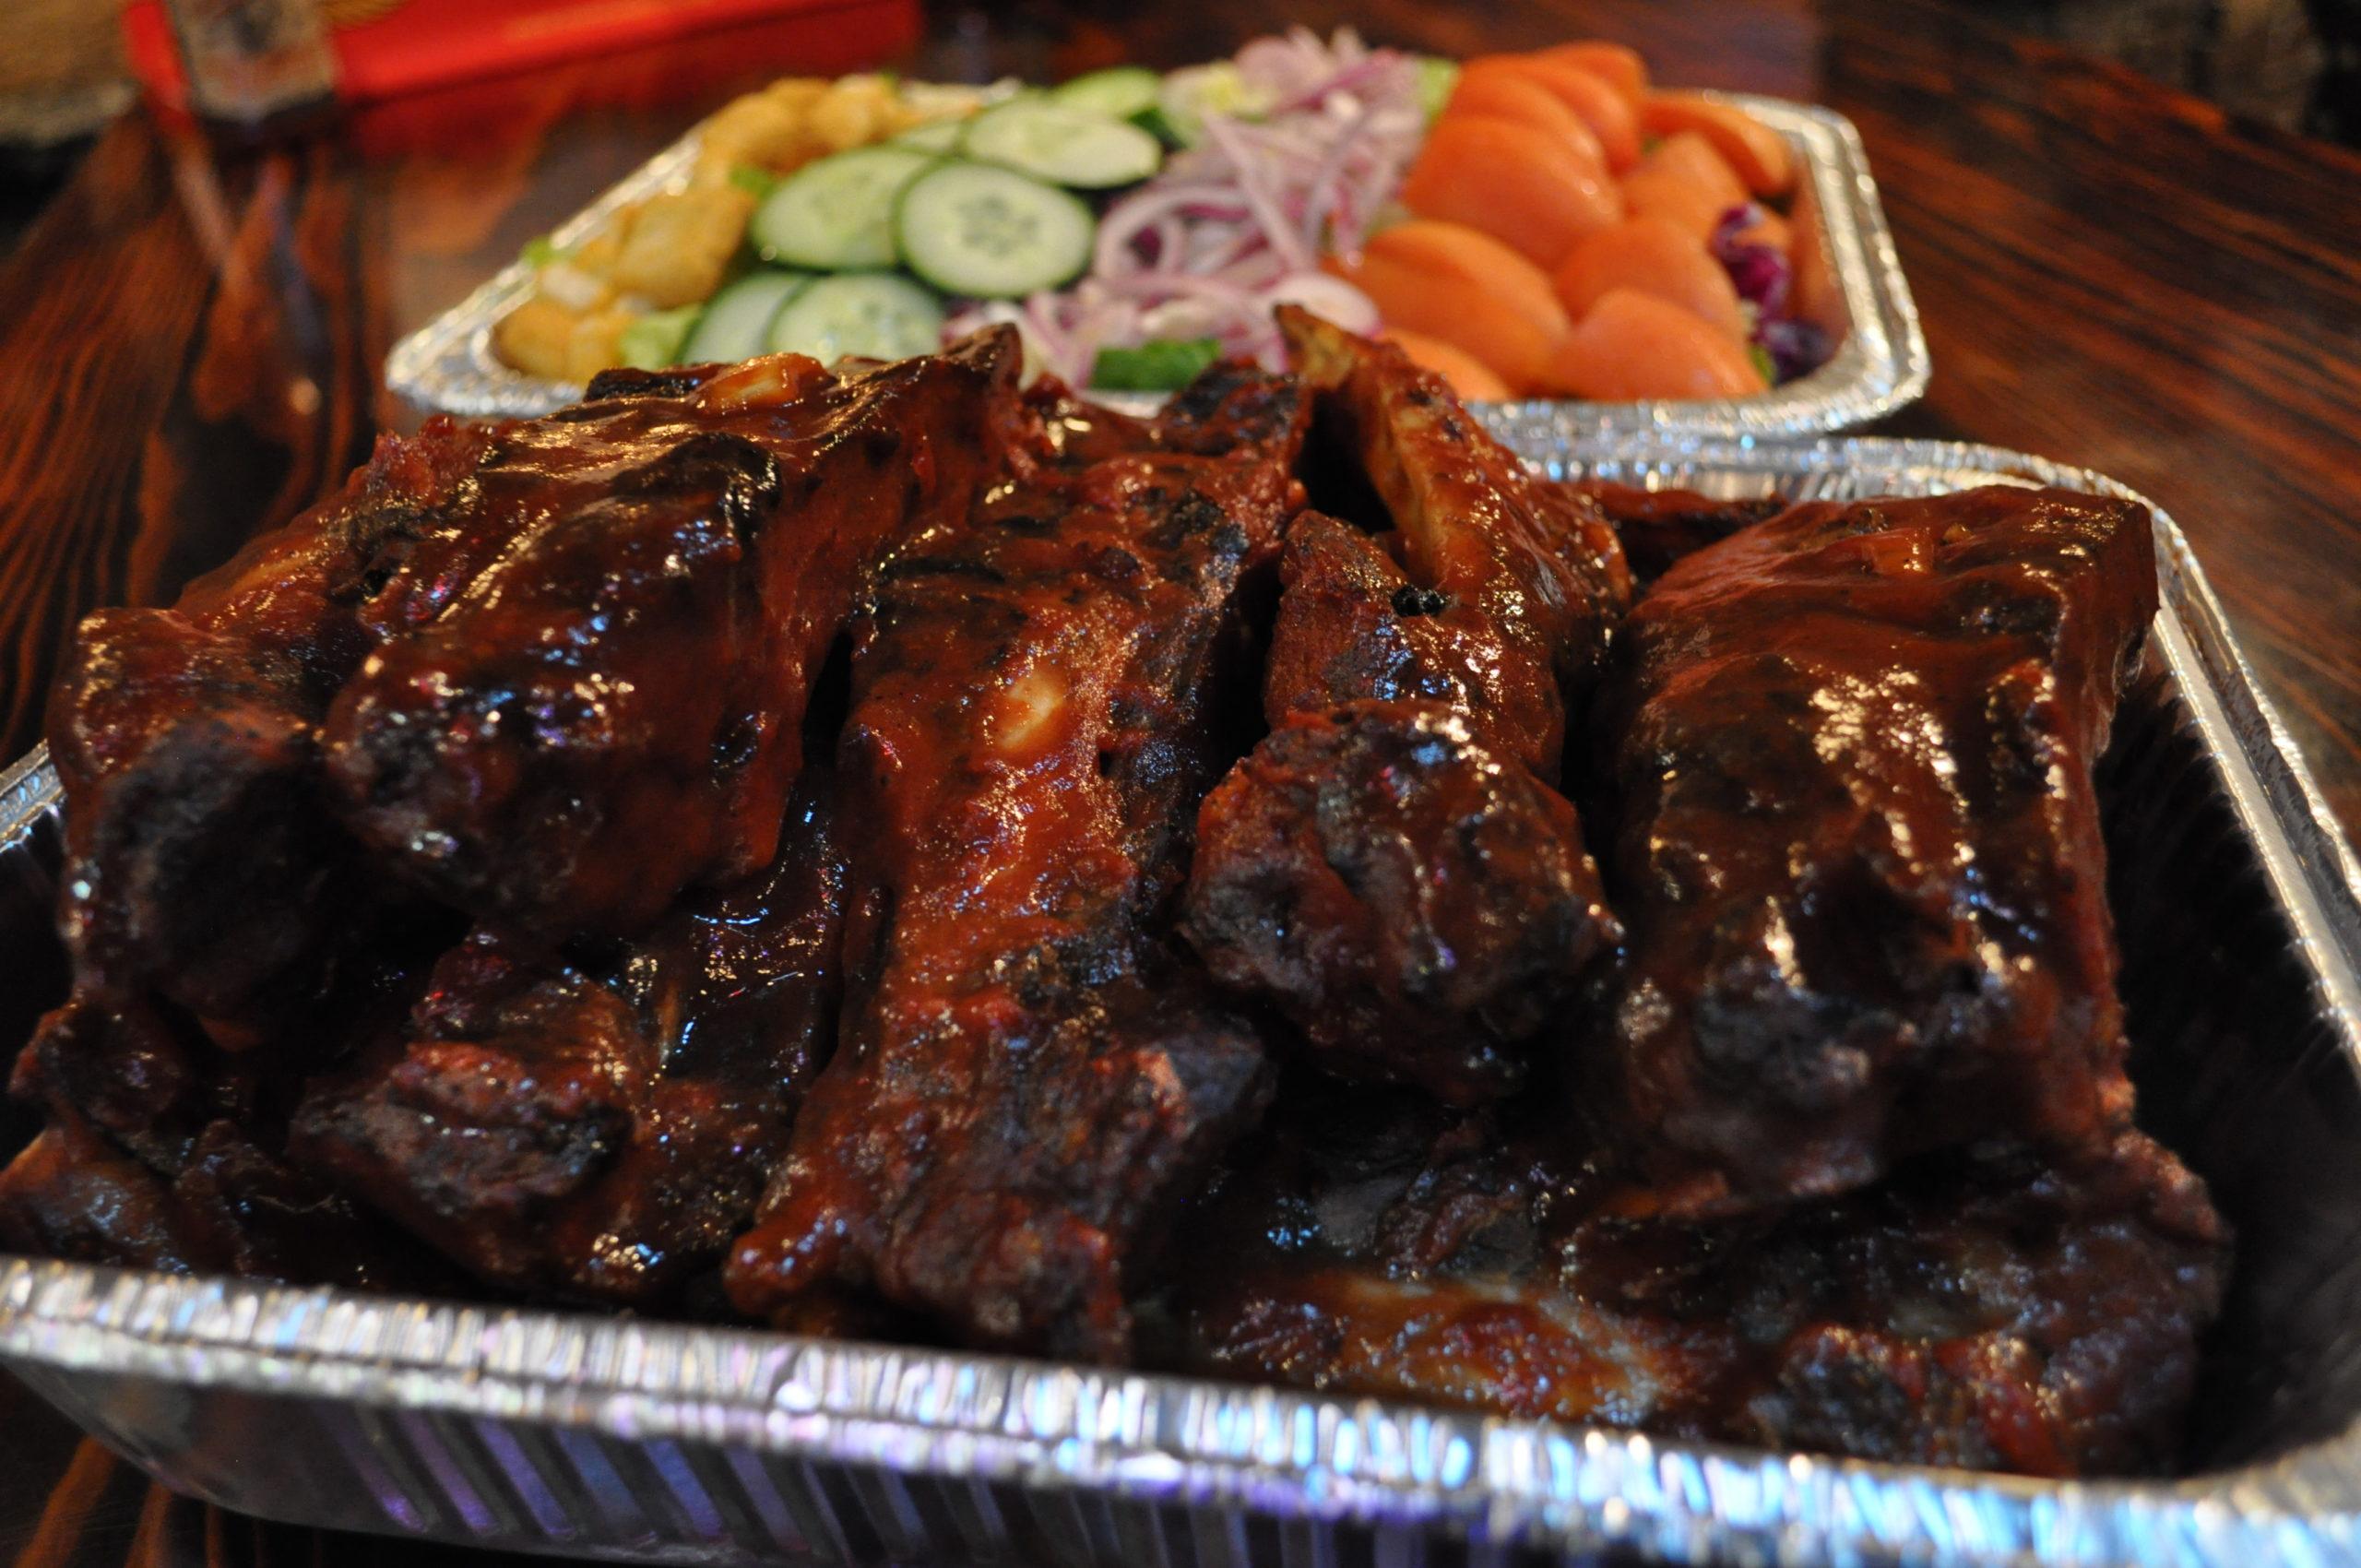 beef ribs and salad